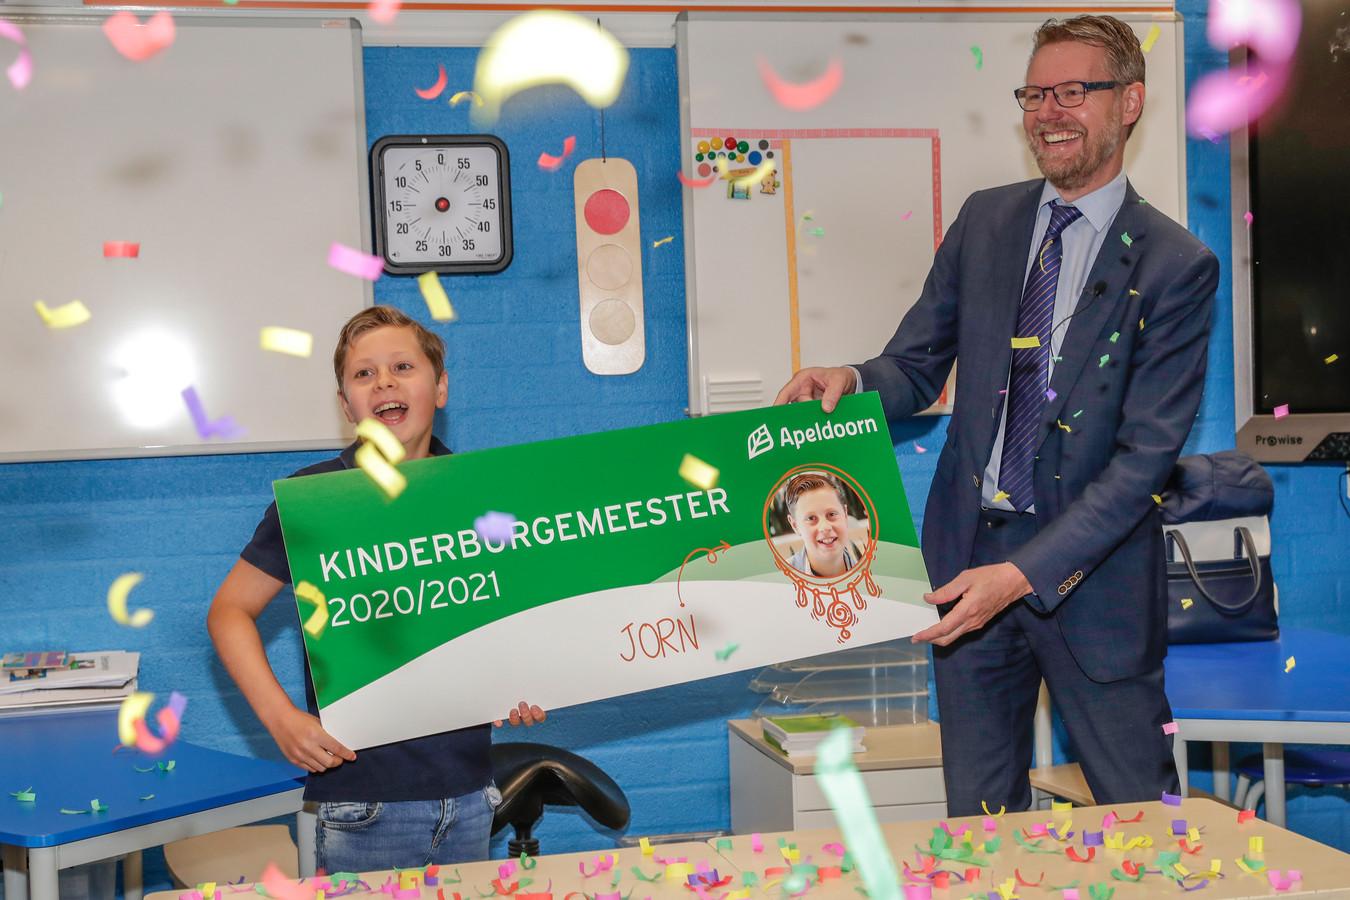 ...hij is de nieuwe kinderburgemeester van Apeldoorn.